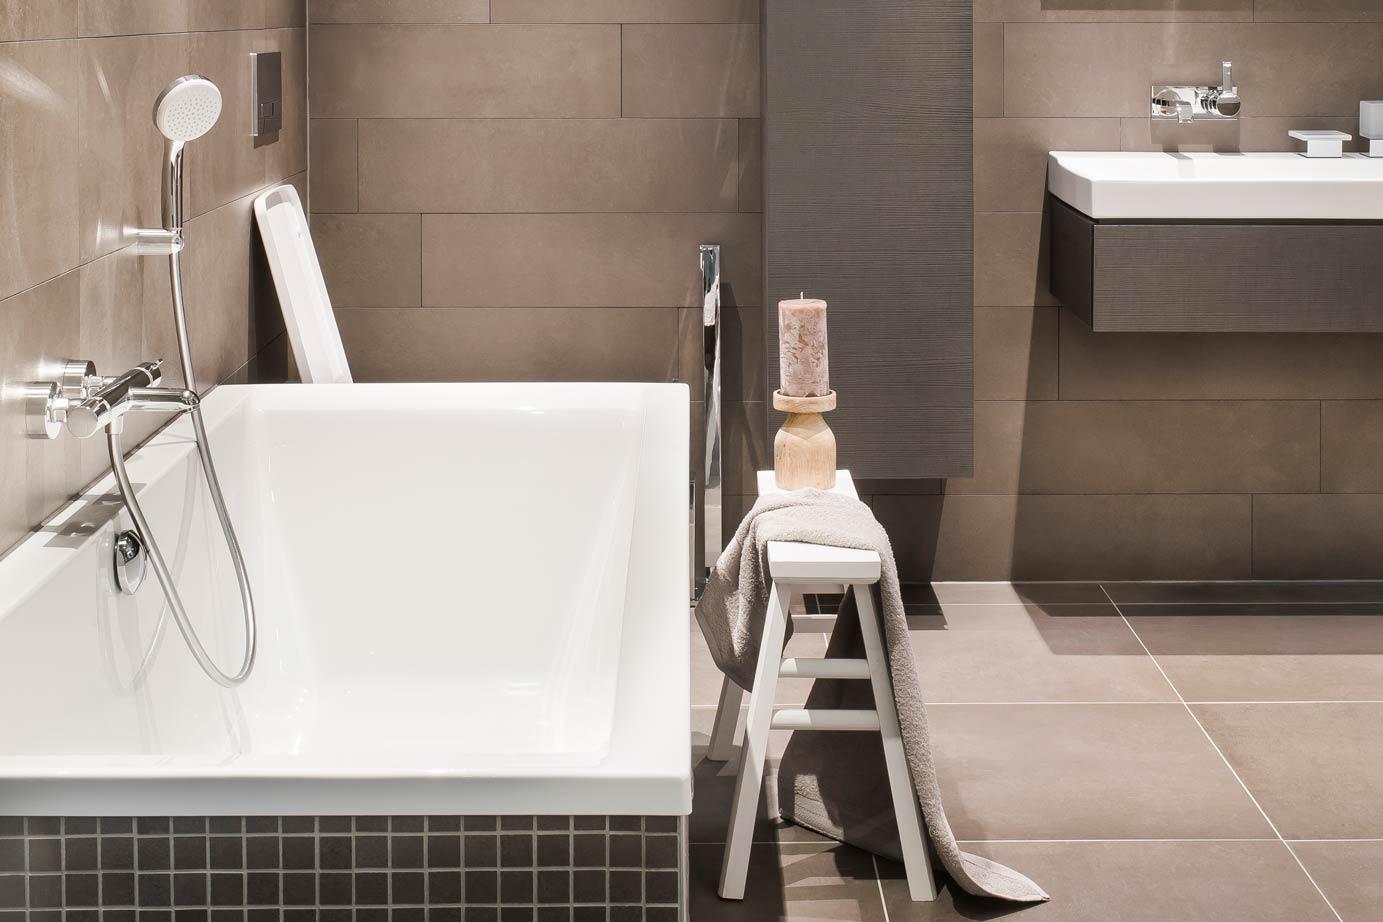 Badkamer kopen ruime keus vele stijlen en lage prijzen db keukens